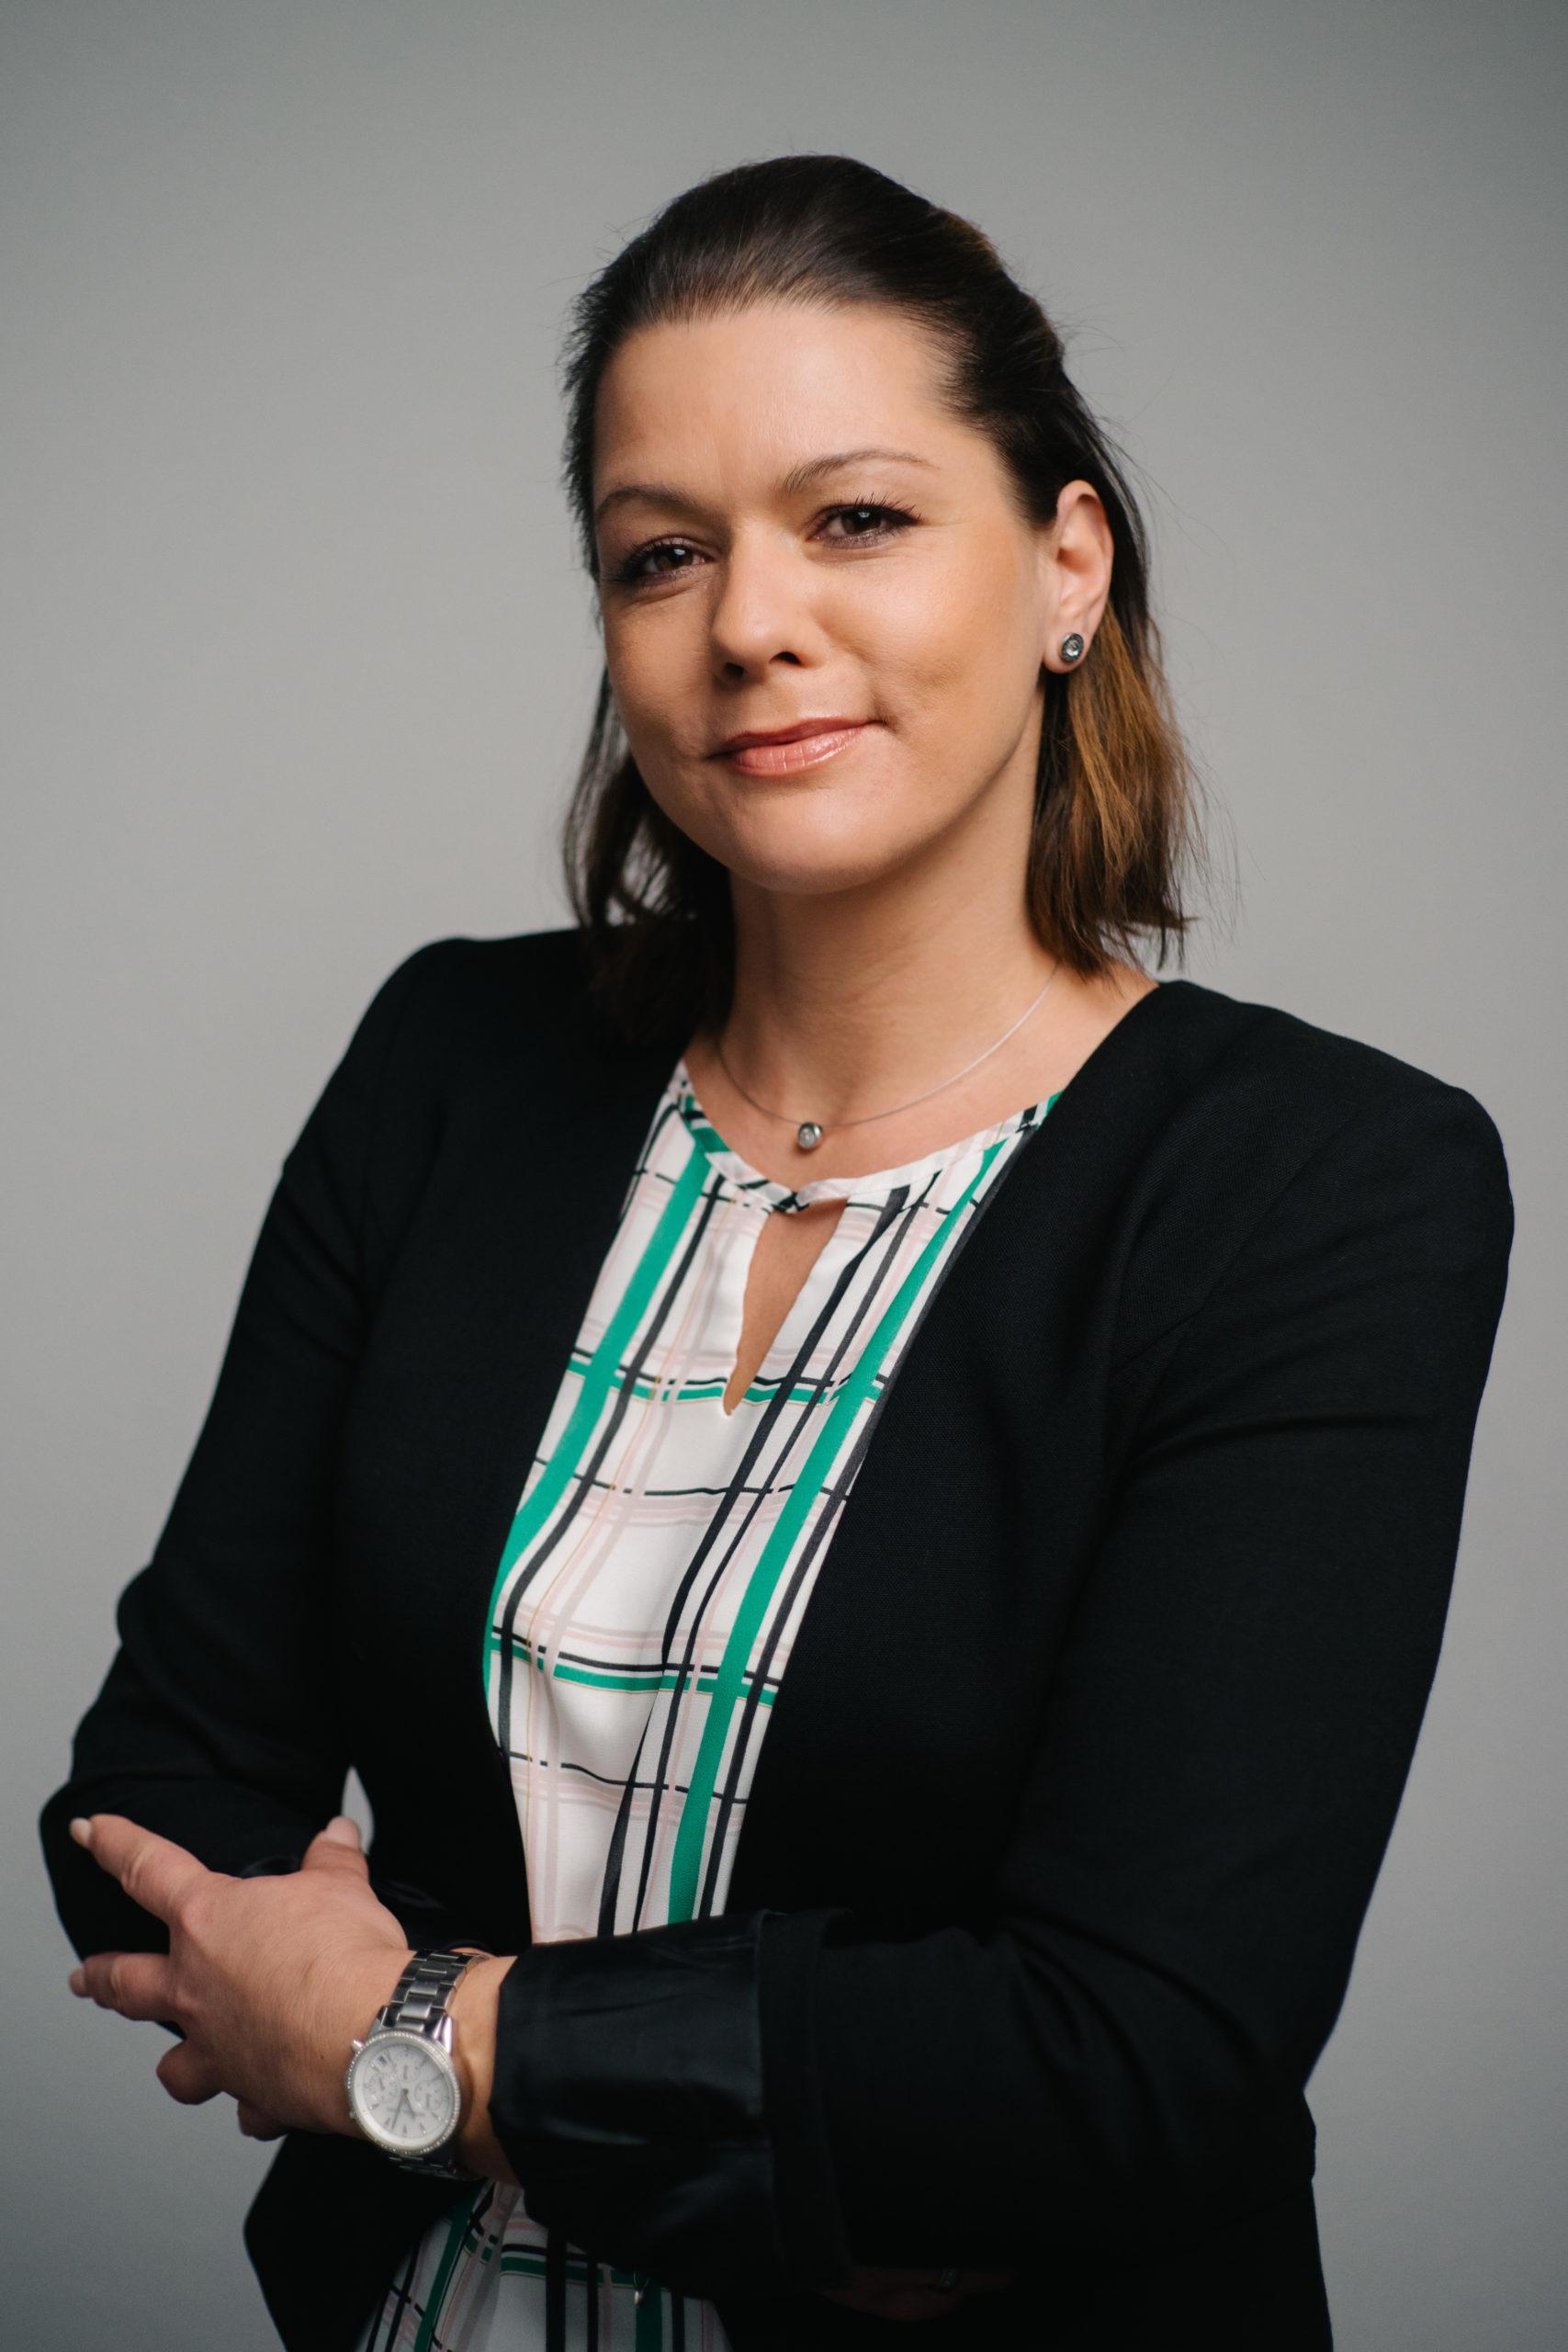 Stefanie Lay